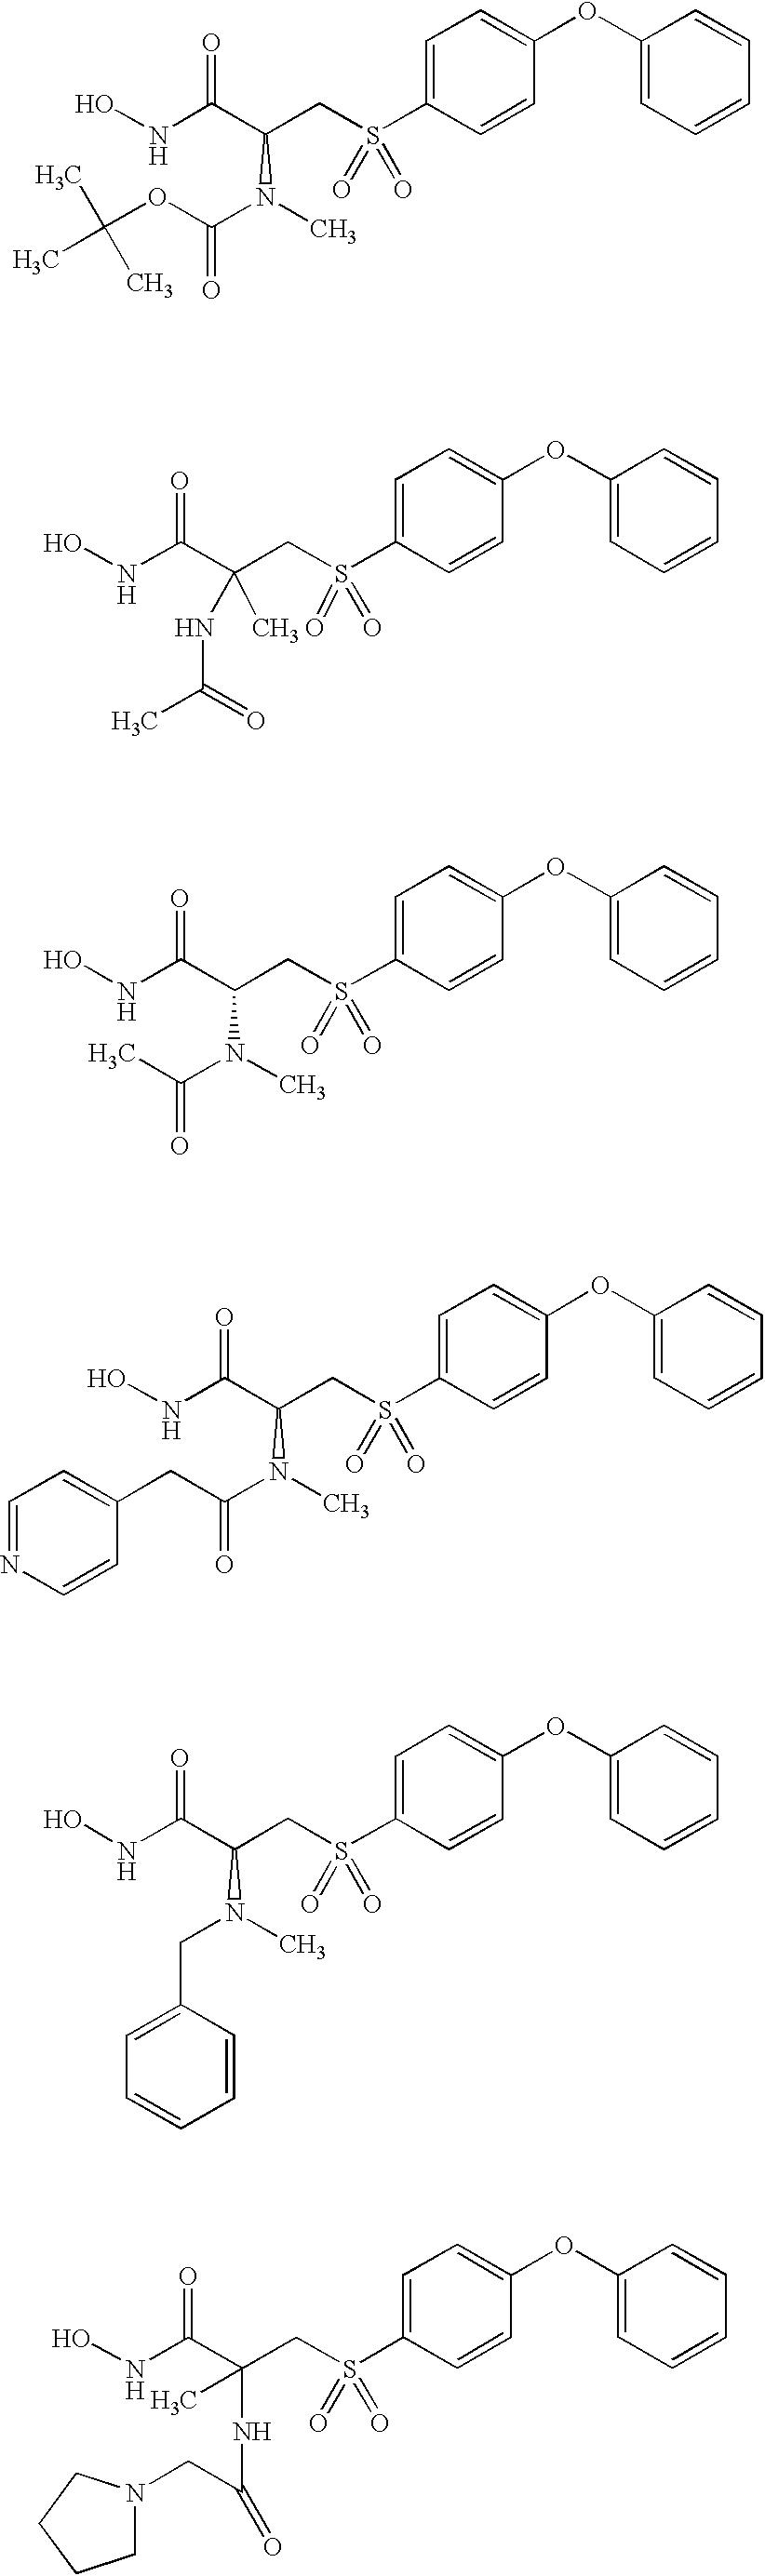 Figure US06583299-20030624-C00134